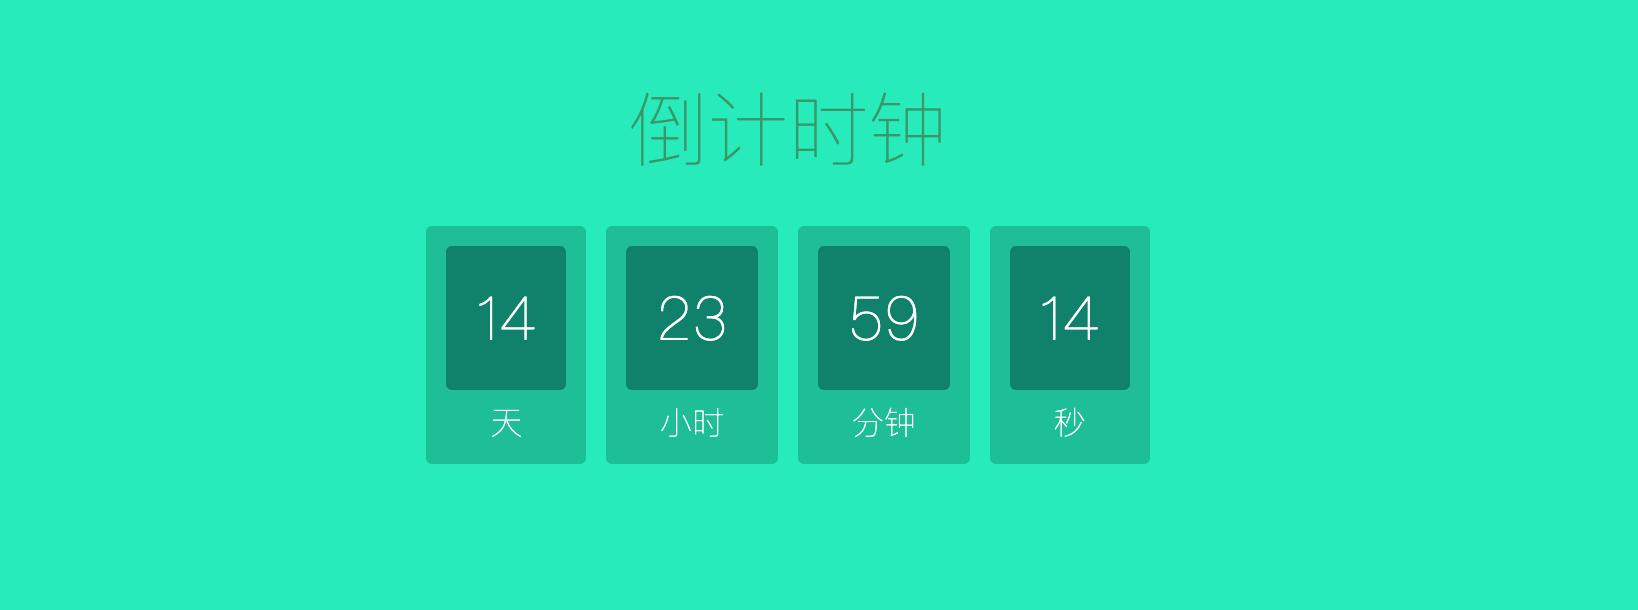 仅用18行JavaScript构建一个倒数计时器